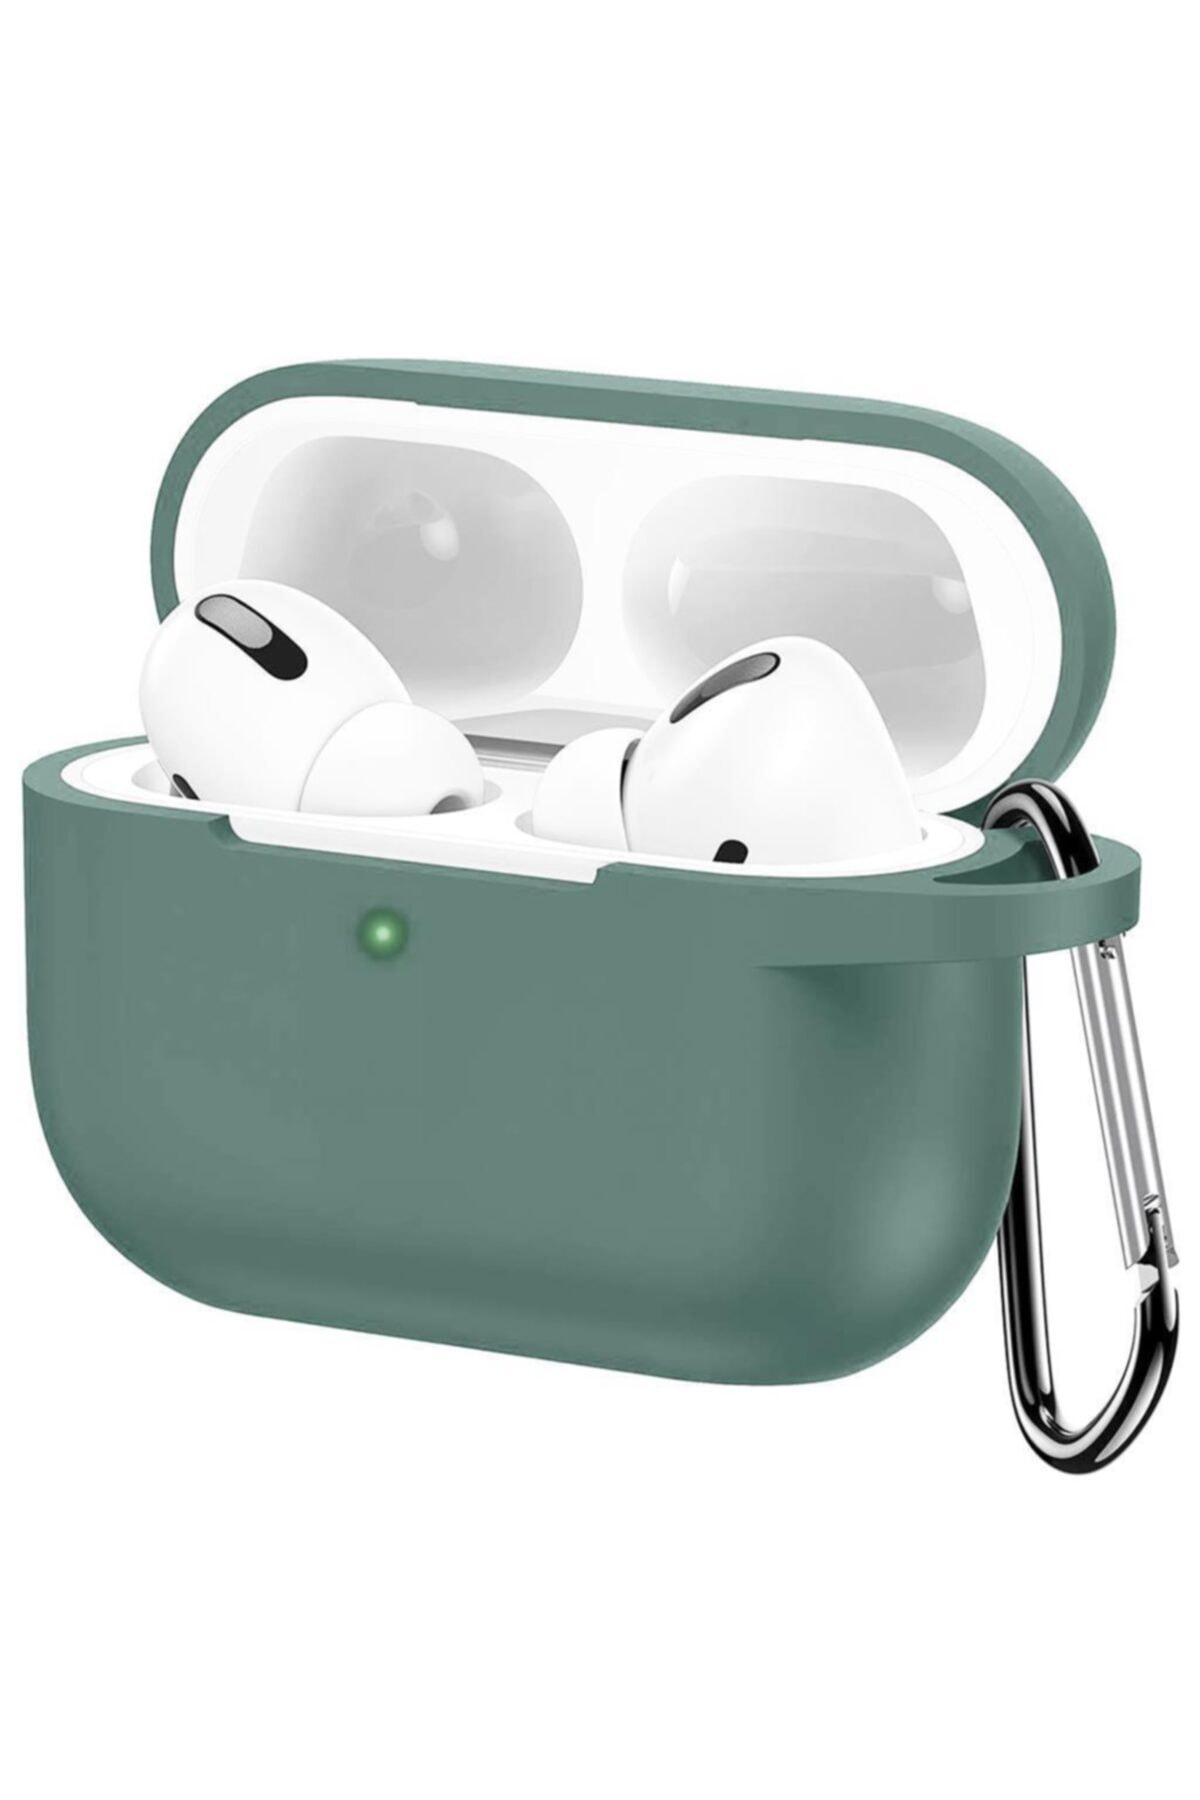 Cimricik Apple Airpods Pro Silikon Kılıf Mat Esnek Silikon 360 Tam Koruma Yeşil 1